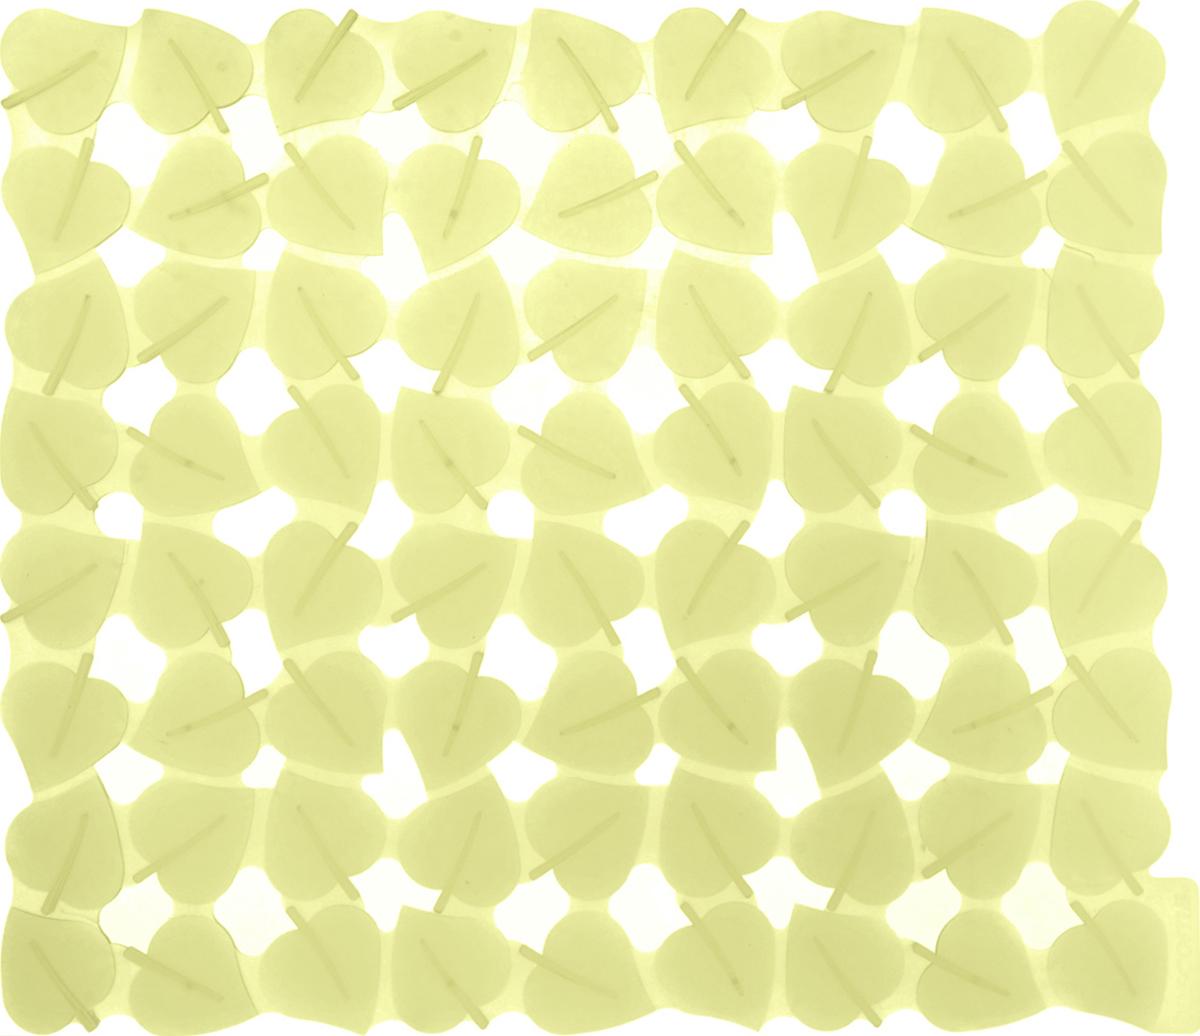 Коврик для раковины Tescoma Листочки, цвет: желтый, 32 x 28 см900637_желтыйСтильный и удобный коврик для раковины Tescoma Листочки изготовлен из эластичного пластика. Он одновременно выполняет несколько функций: украшает, защищает мойку от царапин и сколов, смягчает удары при падении посуды в мойку. Коврик также можно использовать для сушки посуды, фруктов и овощей. Он легко очищается от грязи и жира. Можно мыть в посудомоечной машине.